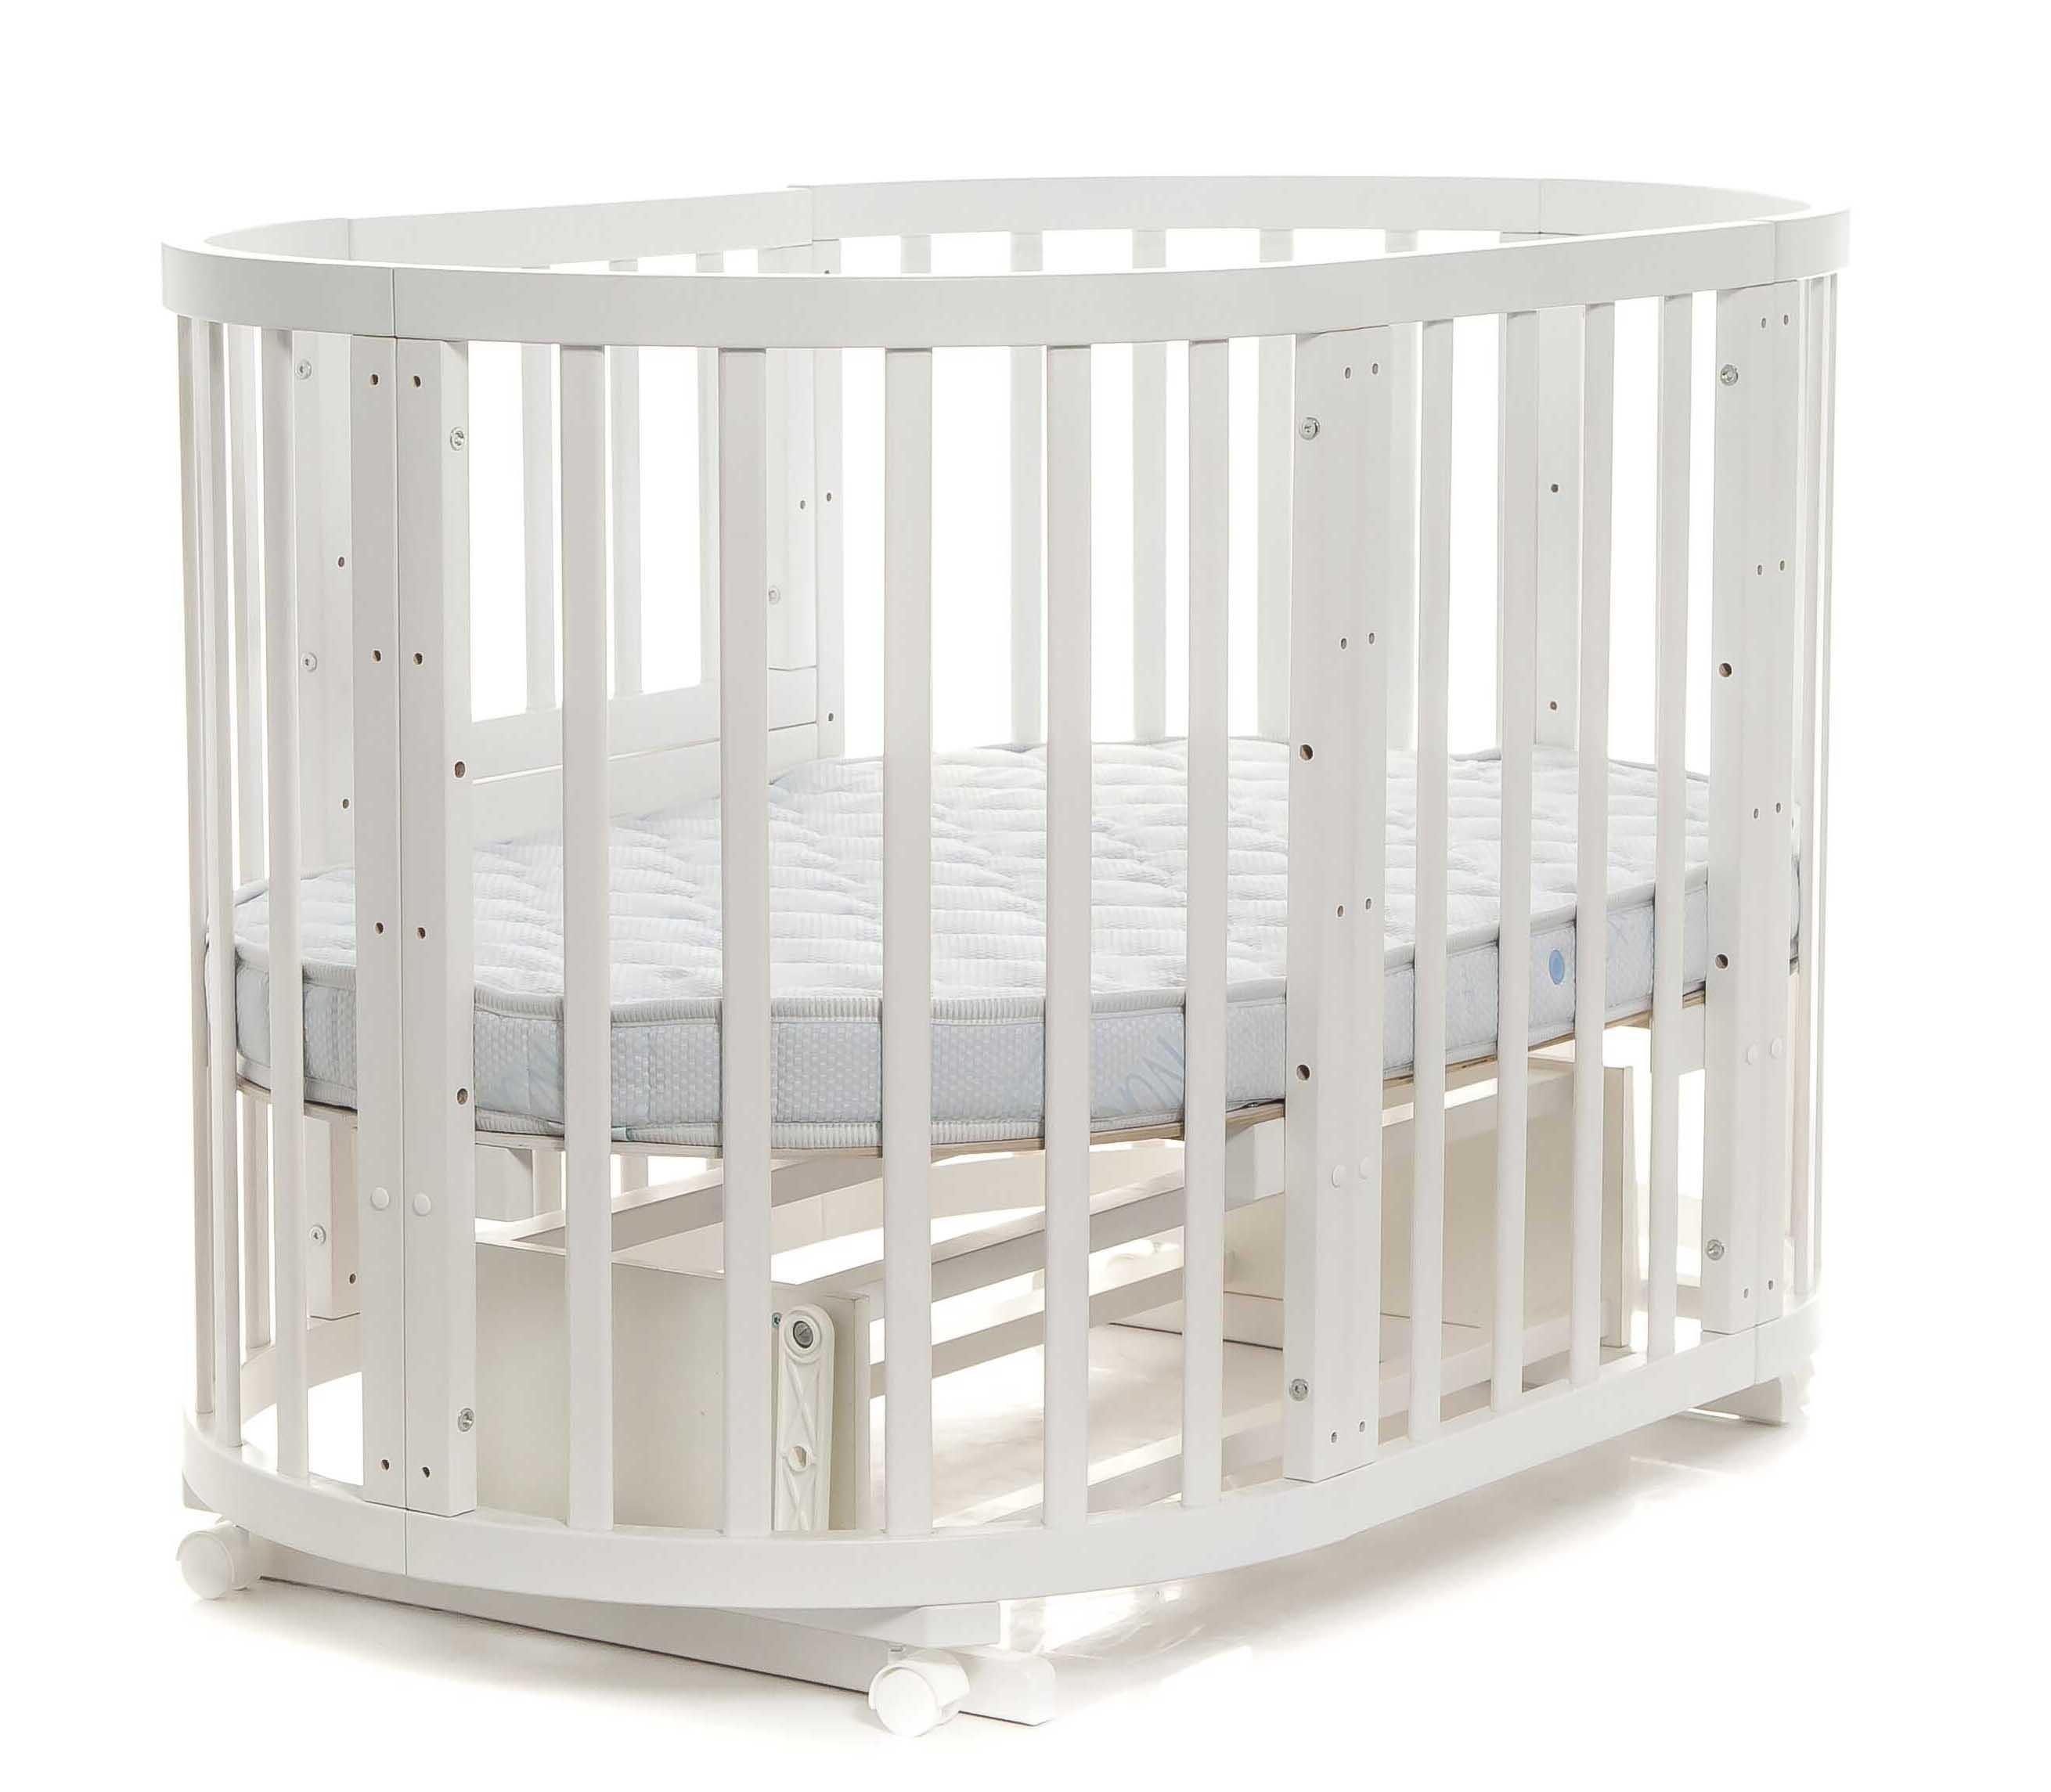 Круглая кроватка-трансформер – Noony Cozy, белыйДетские кровати и мягкая мебель<br>Круглая кроватка-трансформер – Noony Cozy, белый<br>